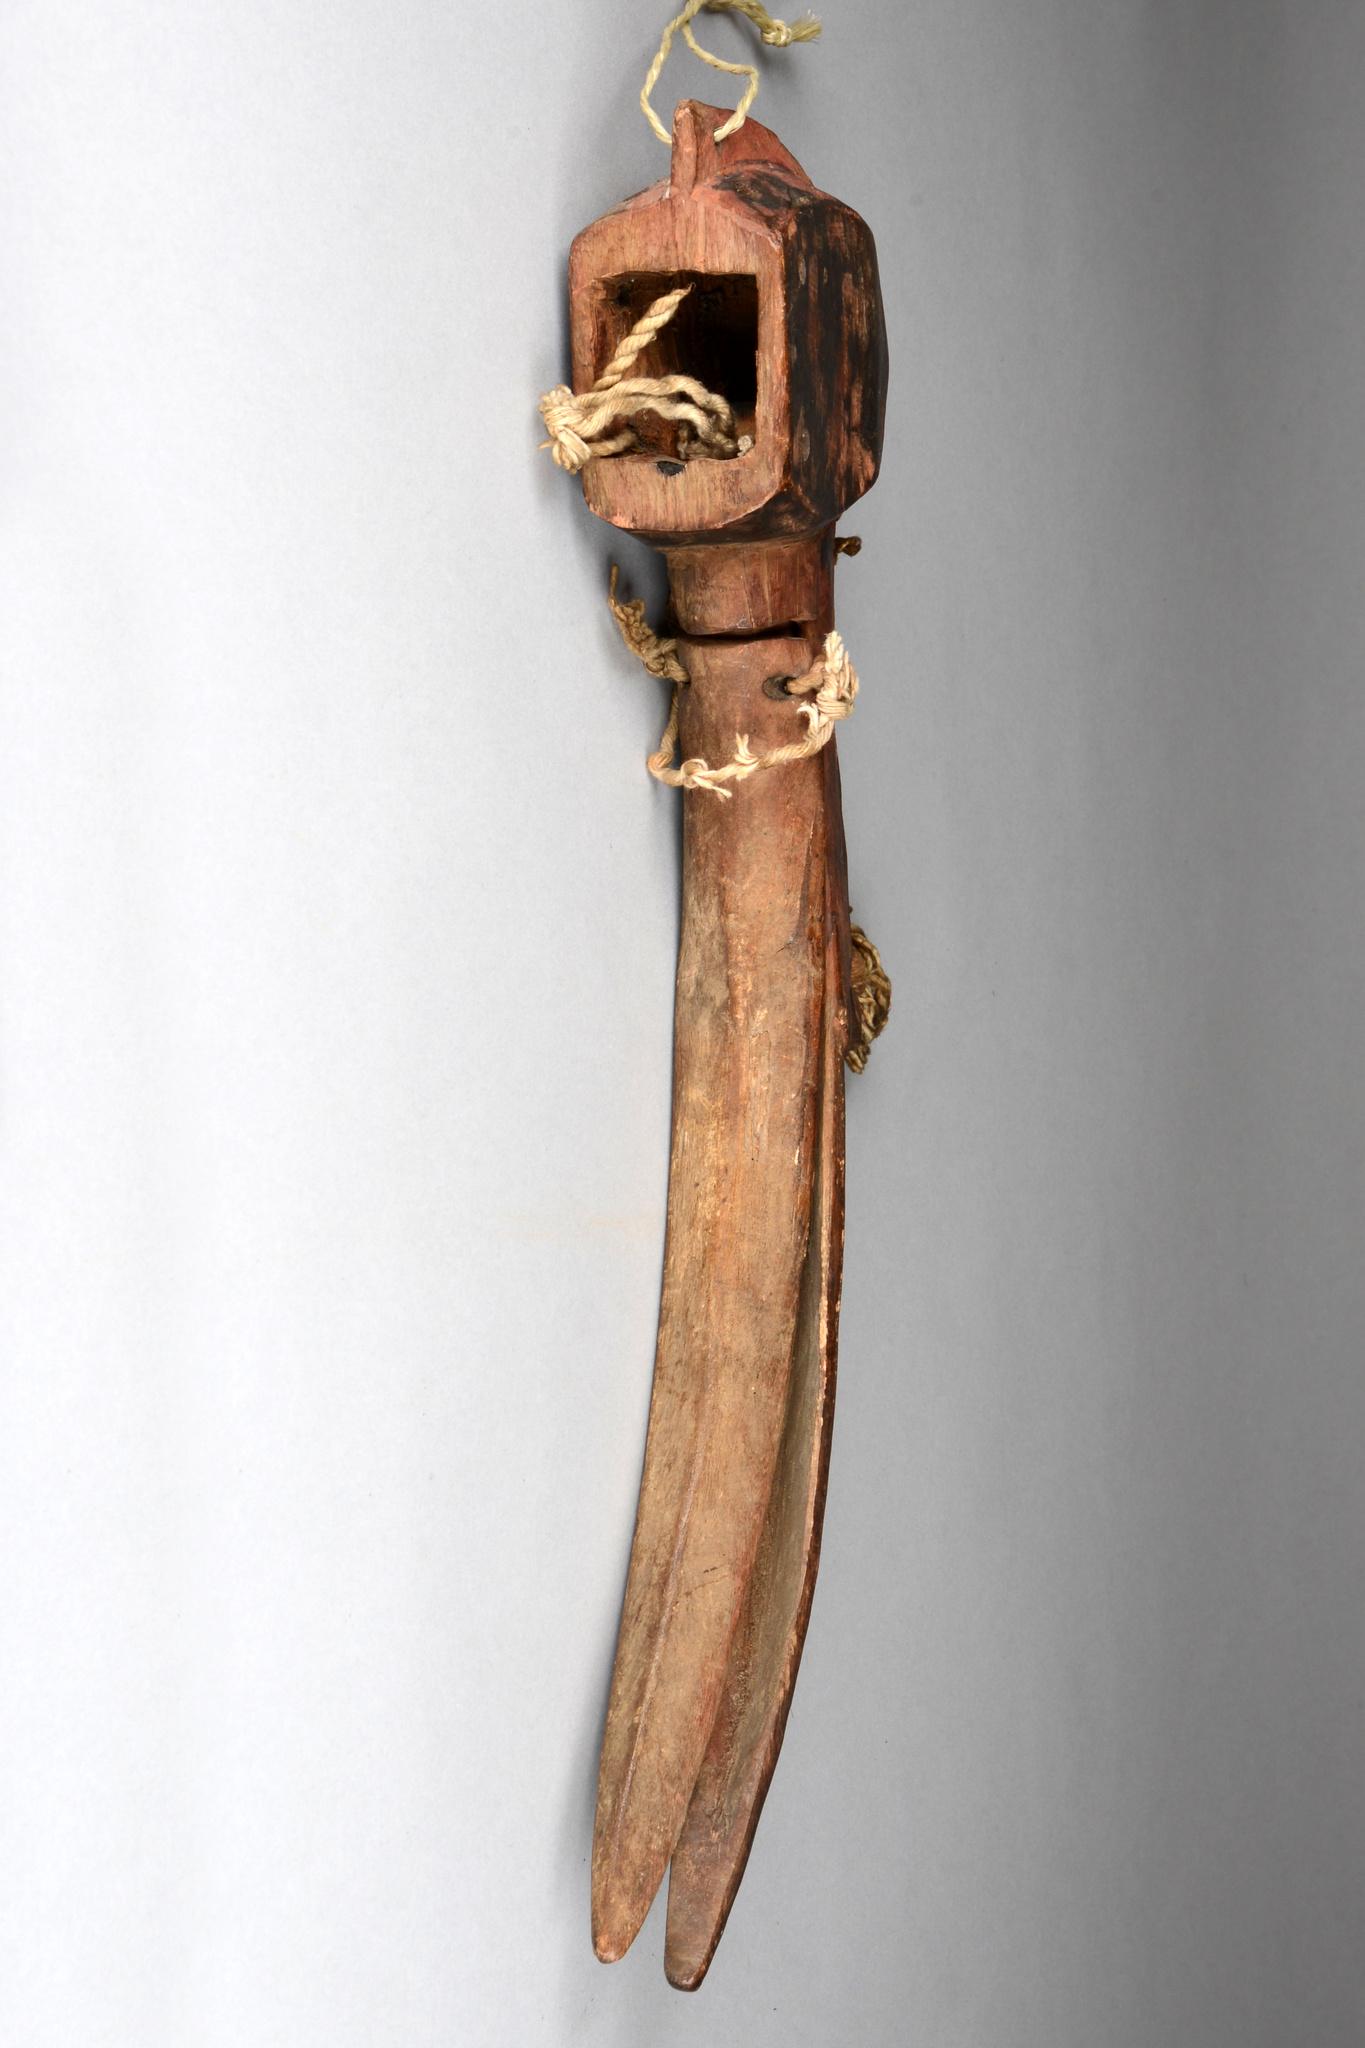 Tanzaufsatz in Form eines Vogelkopfes (Hornrabe)